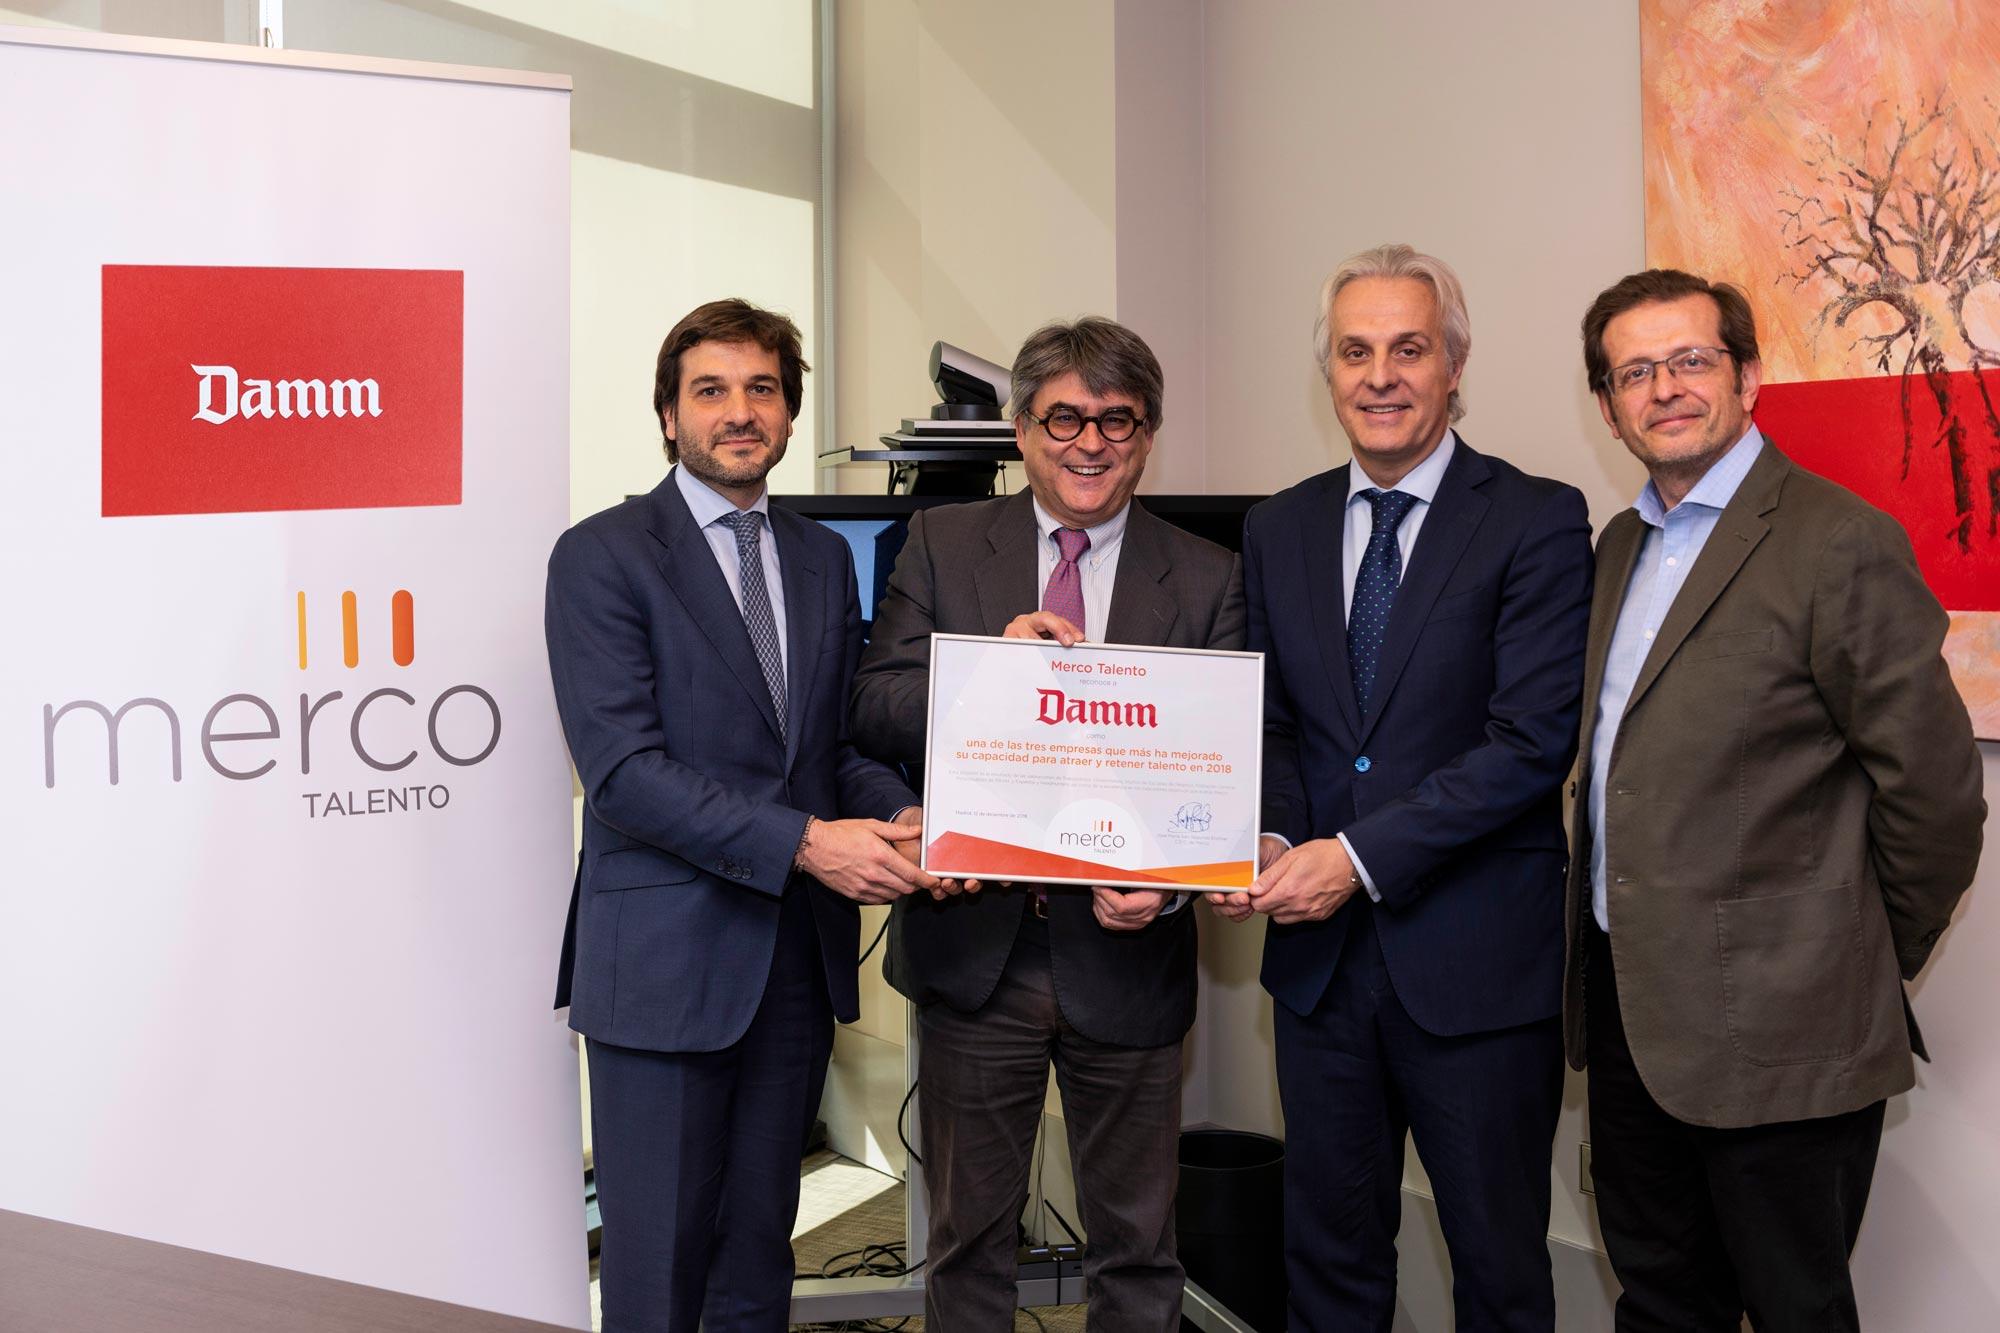 Merco reconoce la capacidad para atraer y retener talento de Damm – Loopulo